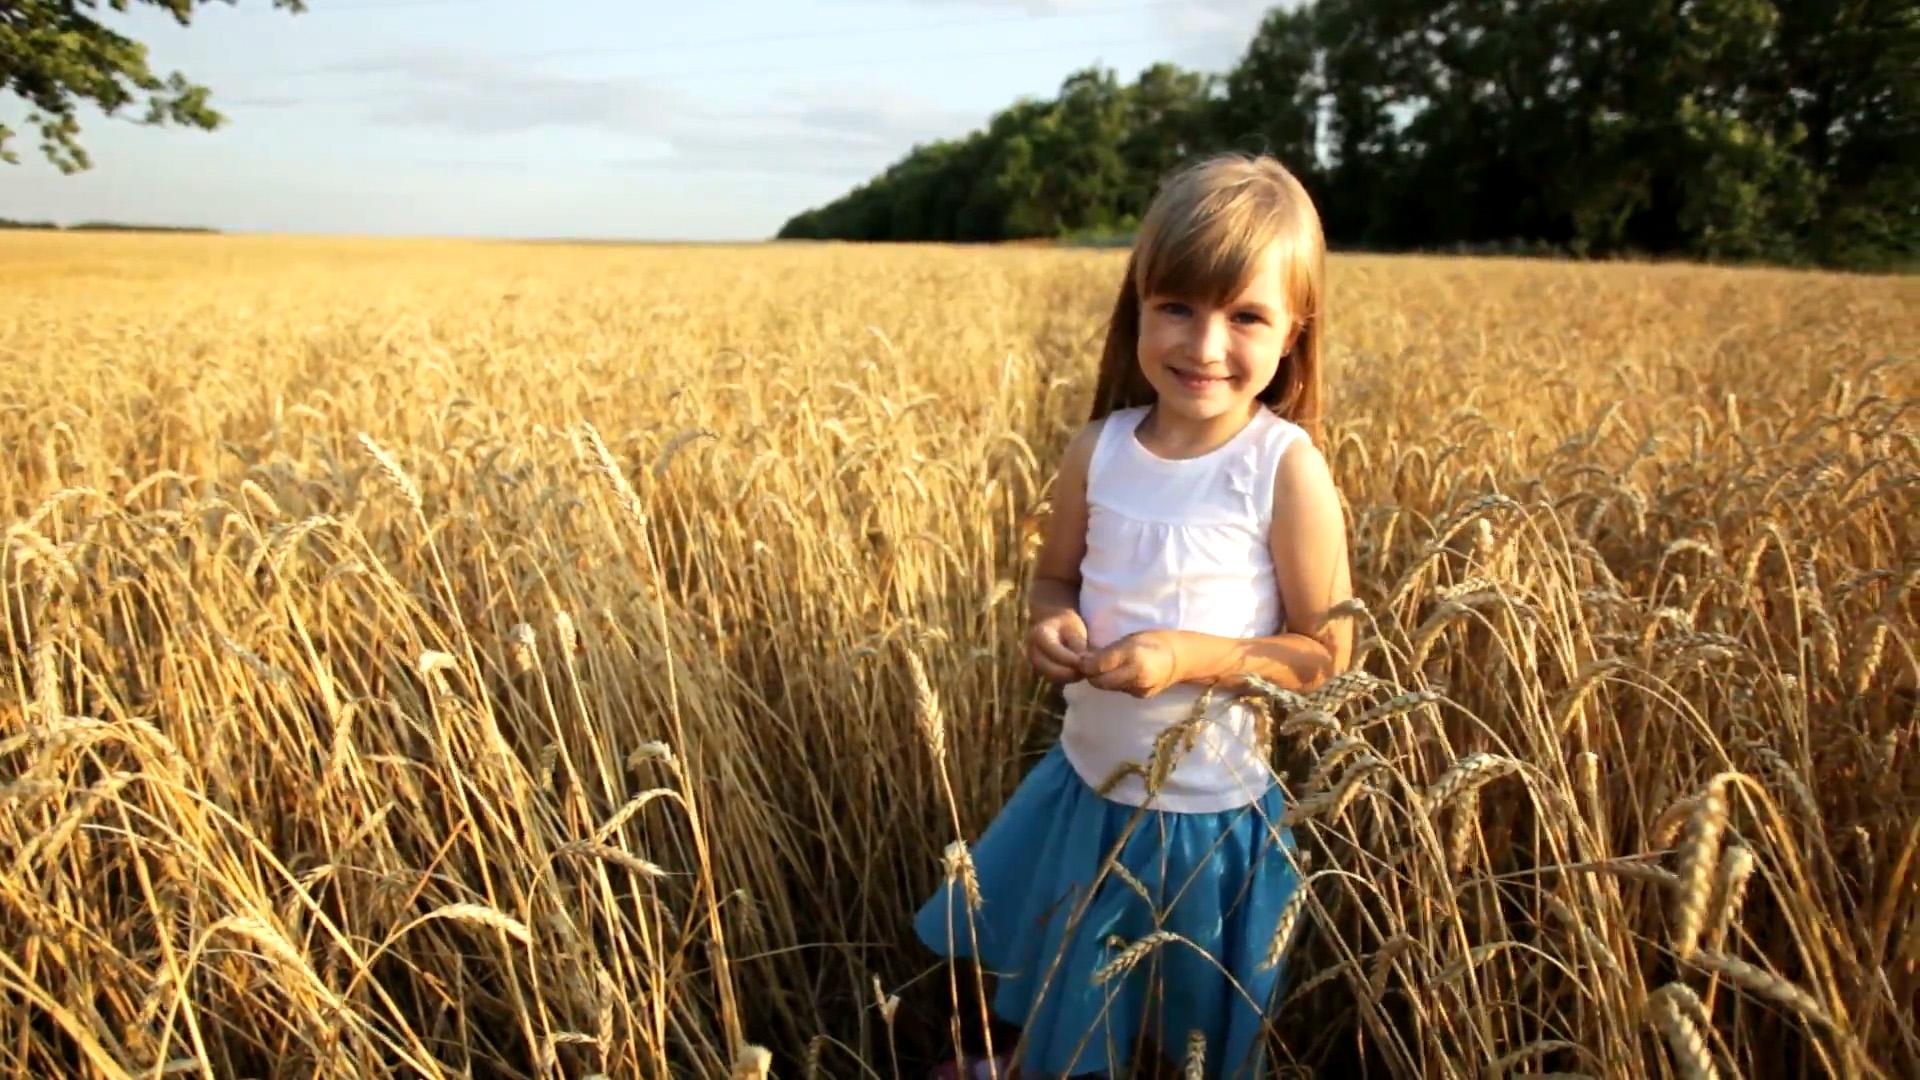 POD – Barns rättigheter är den ultimata definitionen av hållbarhet – Malin Dahlberg Markstedt